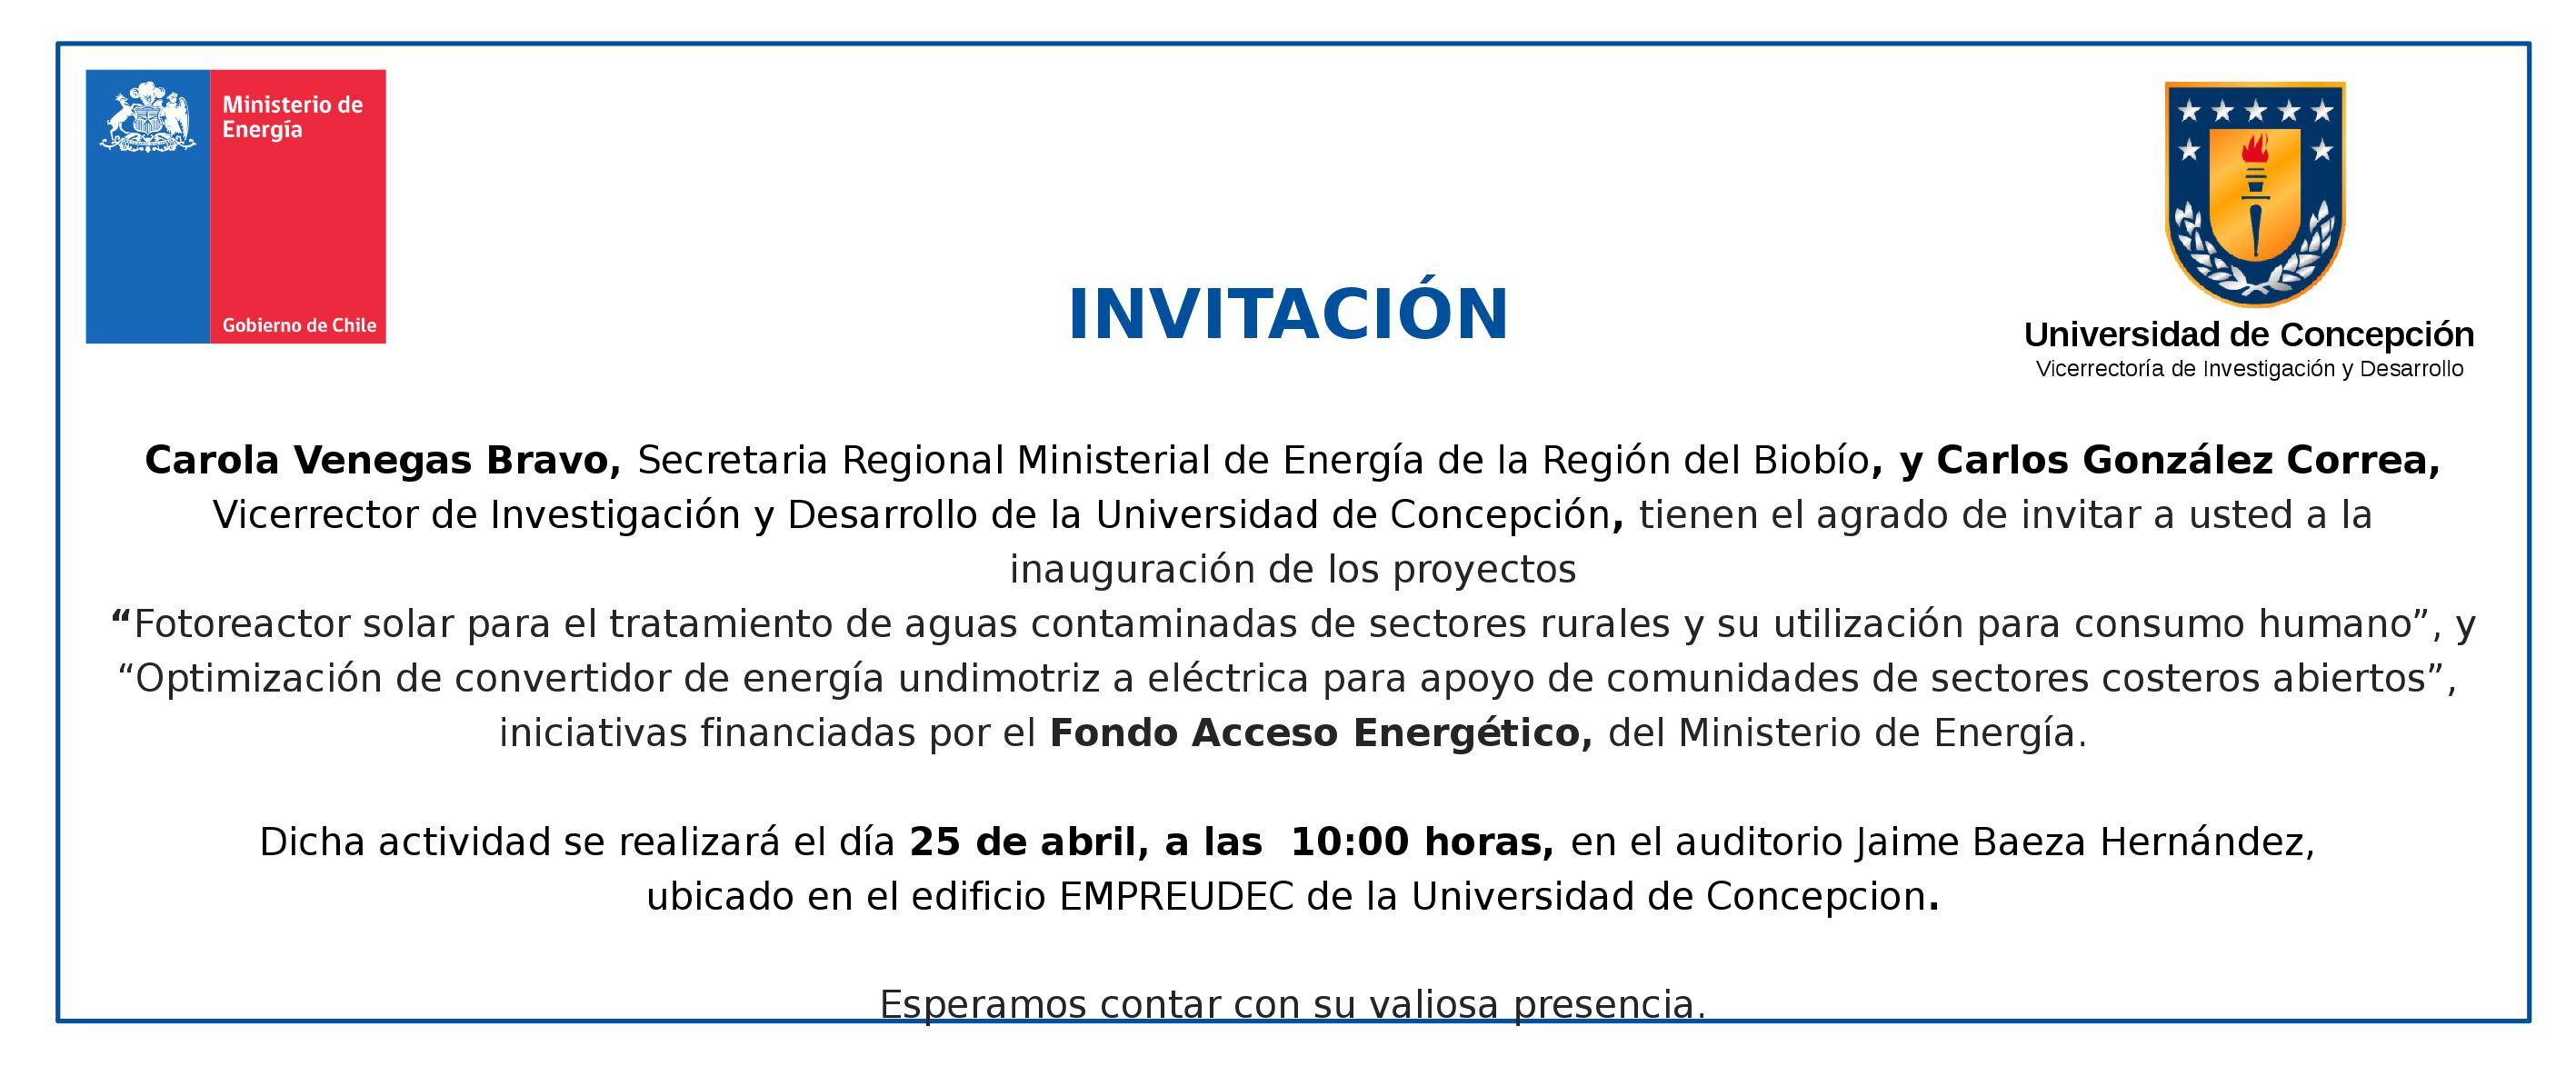 Invitacion lanzamiento 25 de abril_Aziares